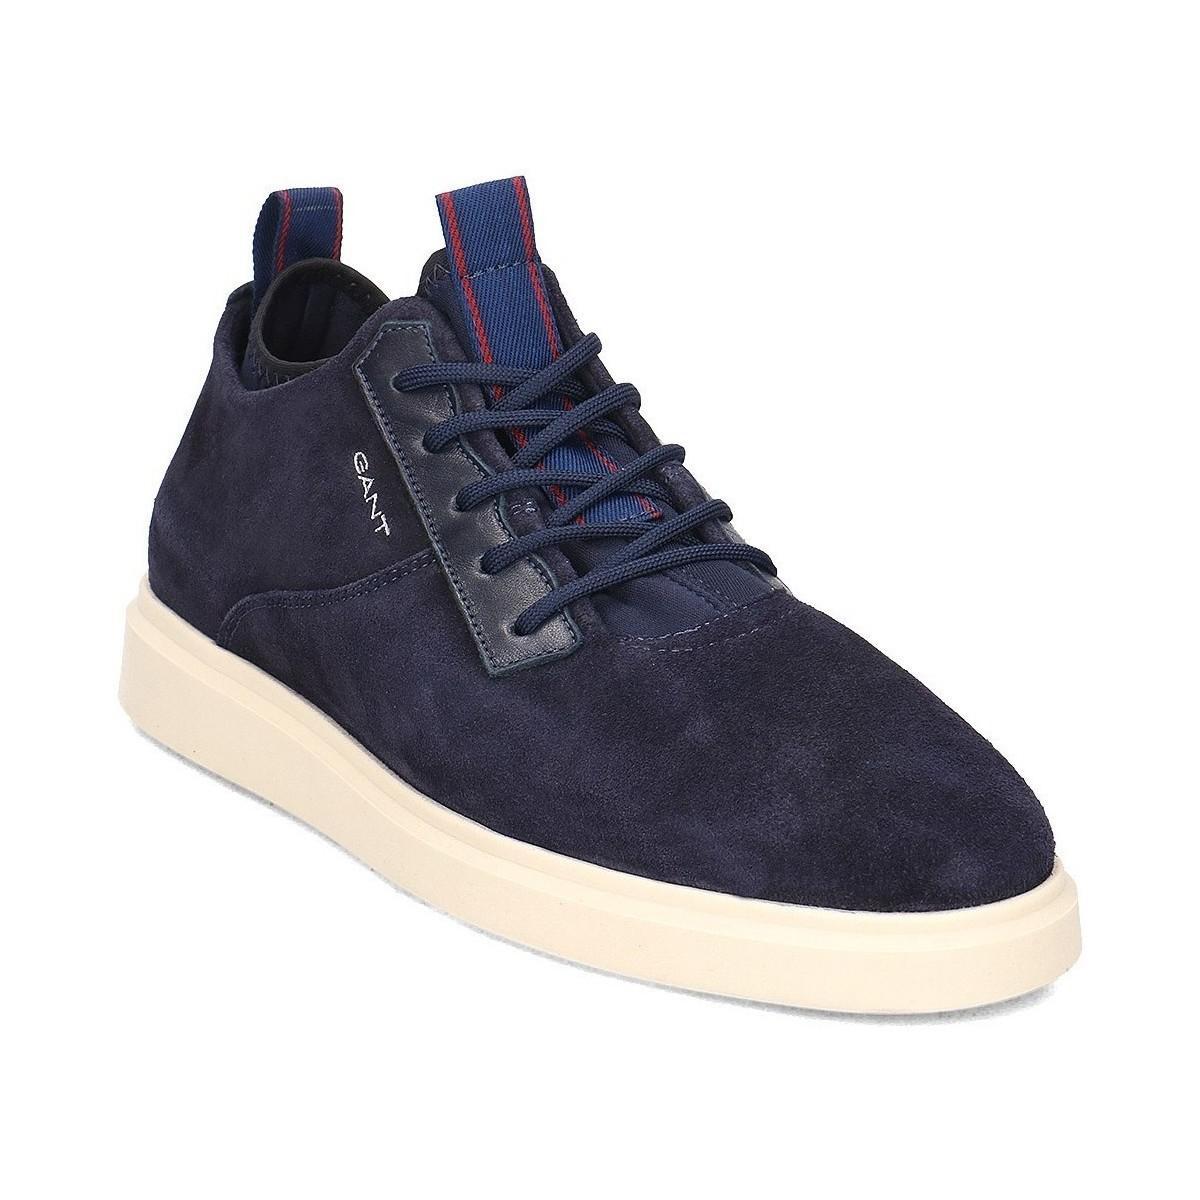 Men's Lyst Beacon in for Multicolour Men Blue GANT ShoestrainersIn Fl3JTKc1